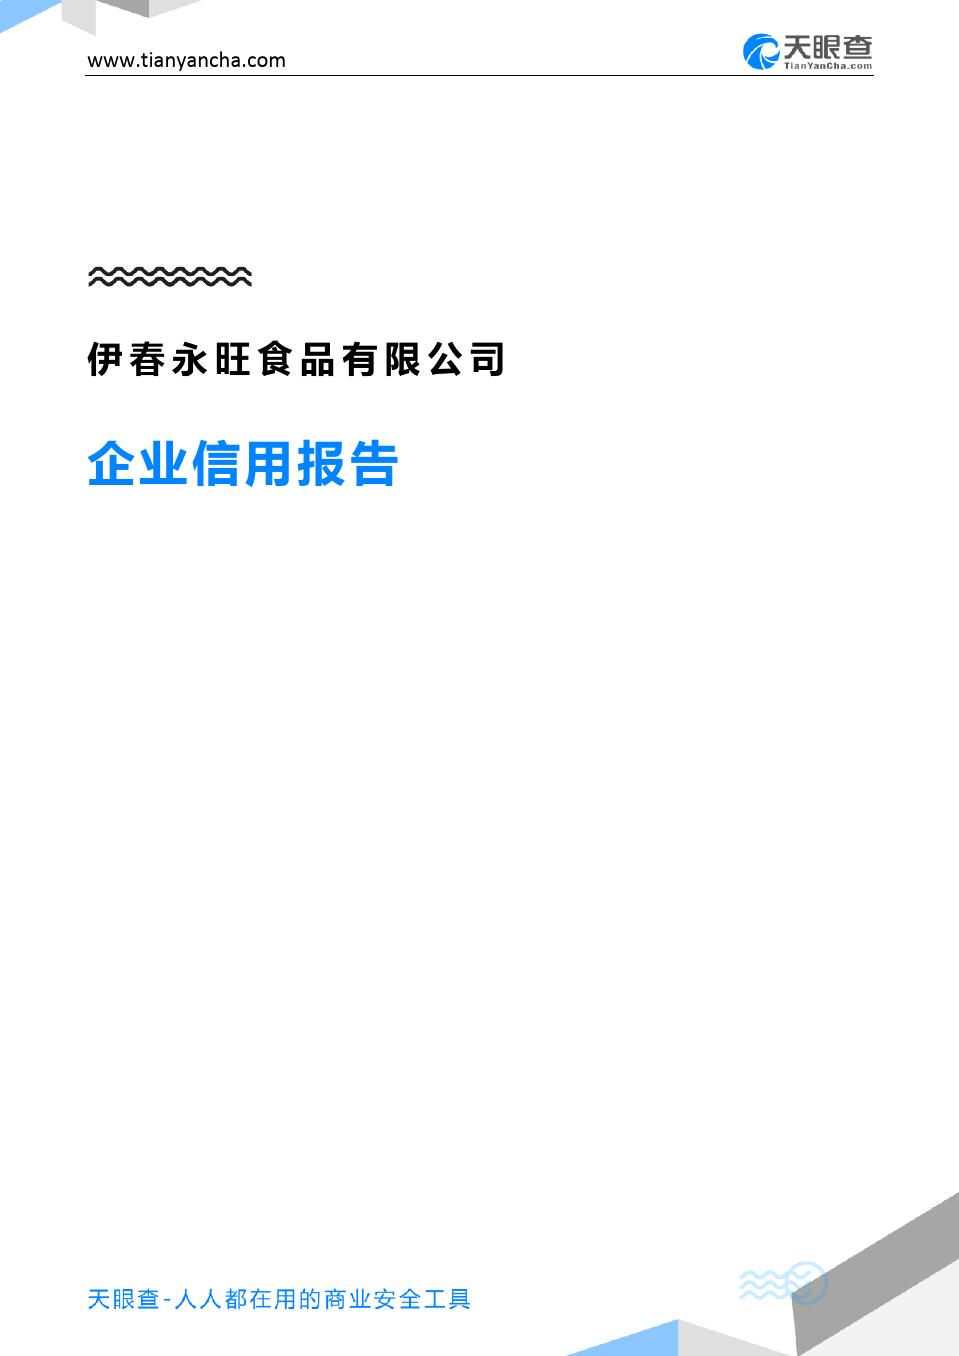 伊春永旺食品有限公司(企業信用報告)- 天眼查